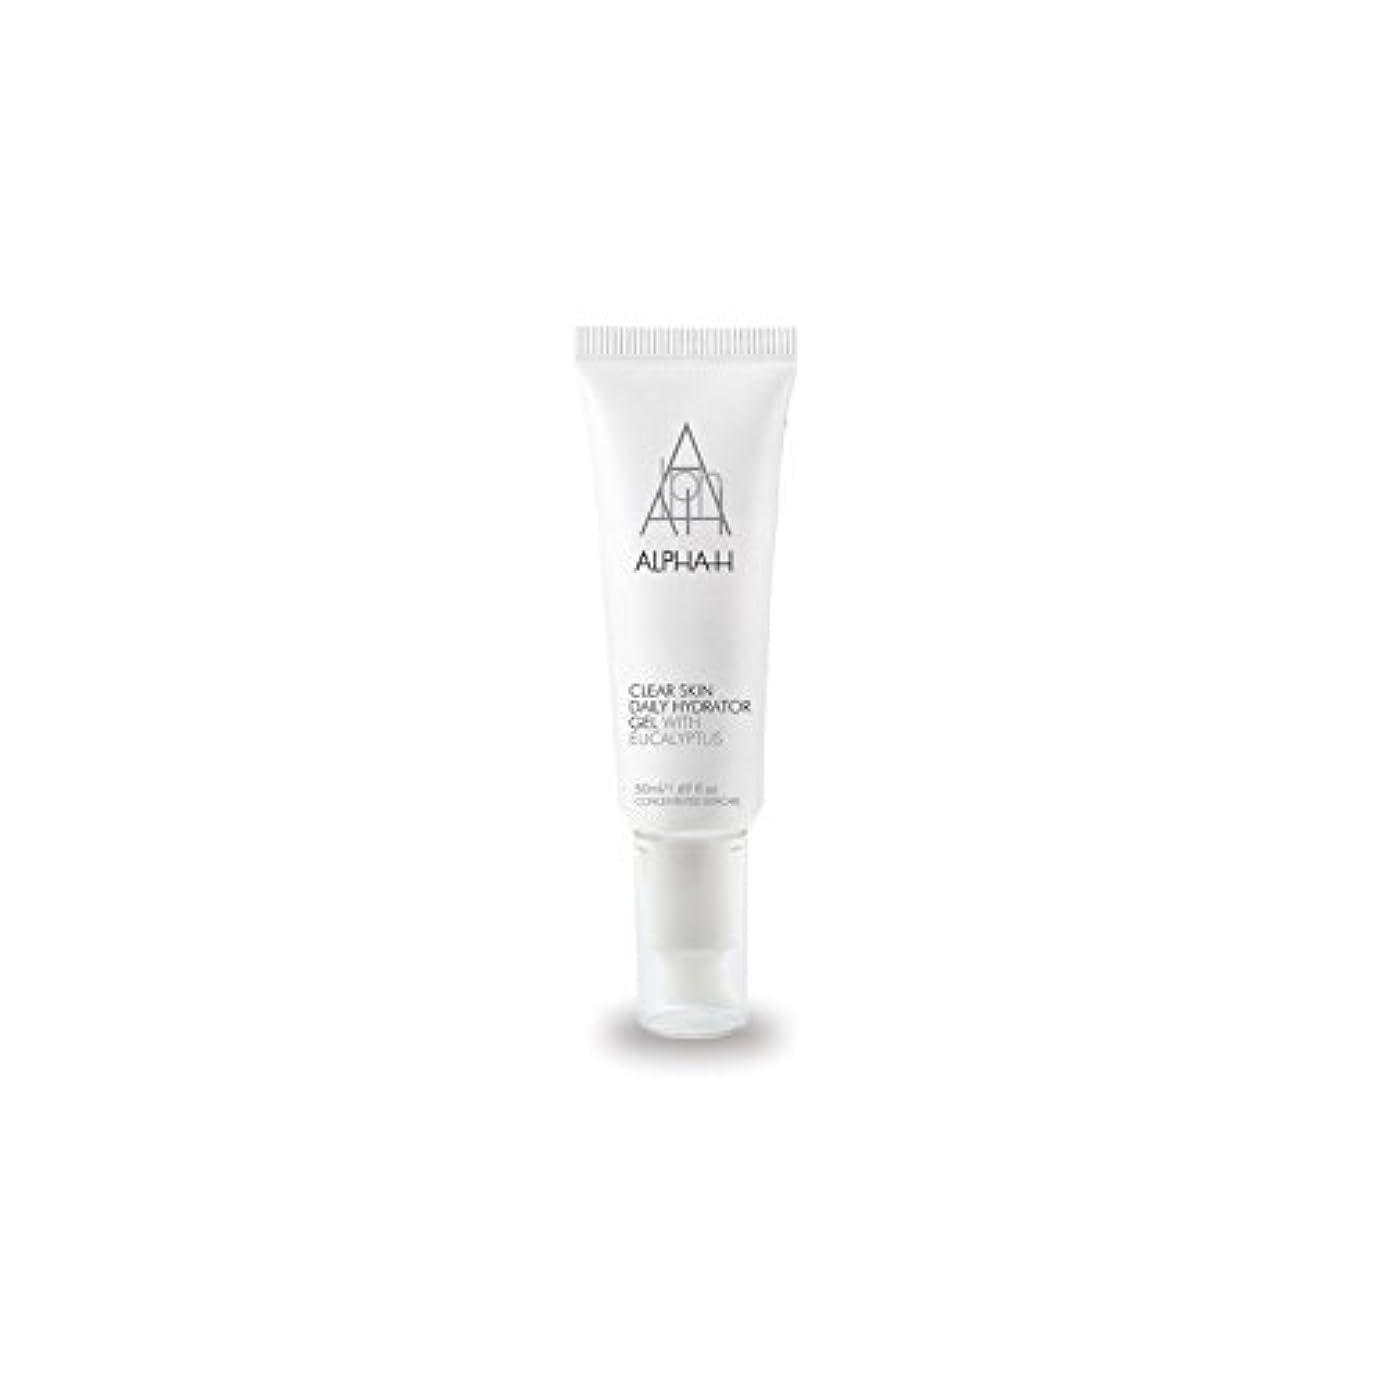 優れましたプラスチック罪人アルファクリア皮膚毎日ハイドレーターゲル(50)中 x2 - Alpha-H Clear Skin Daily Hydrator Gel (50ml) (Pack of 2) [並行輸入品]